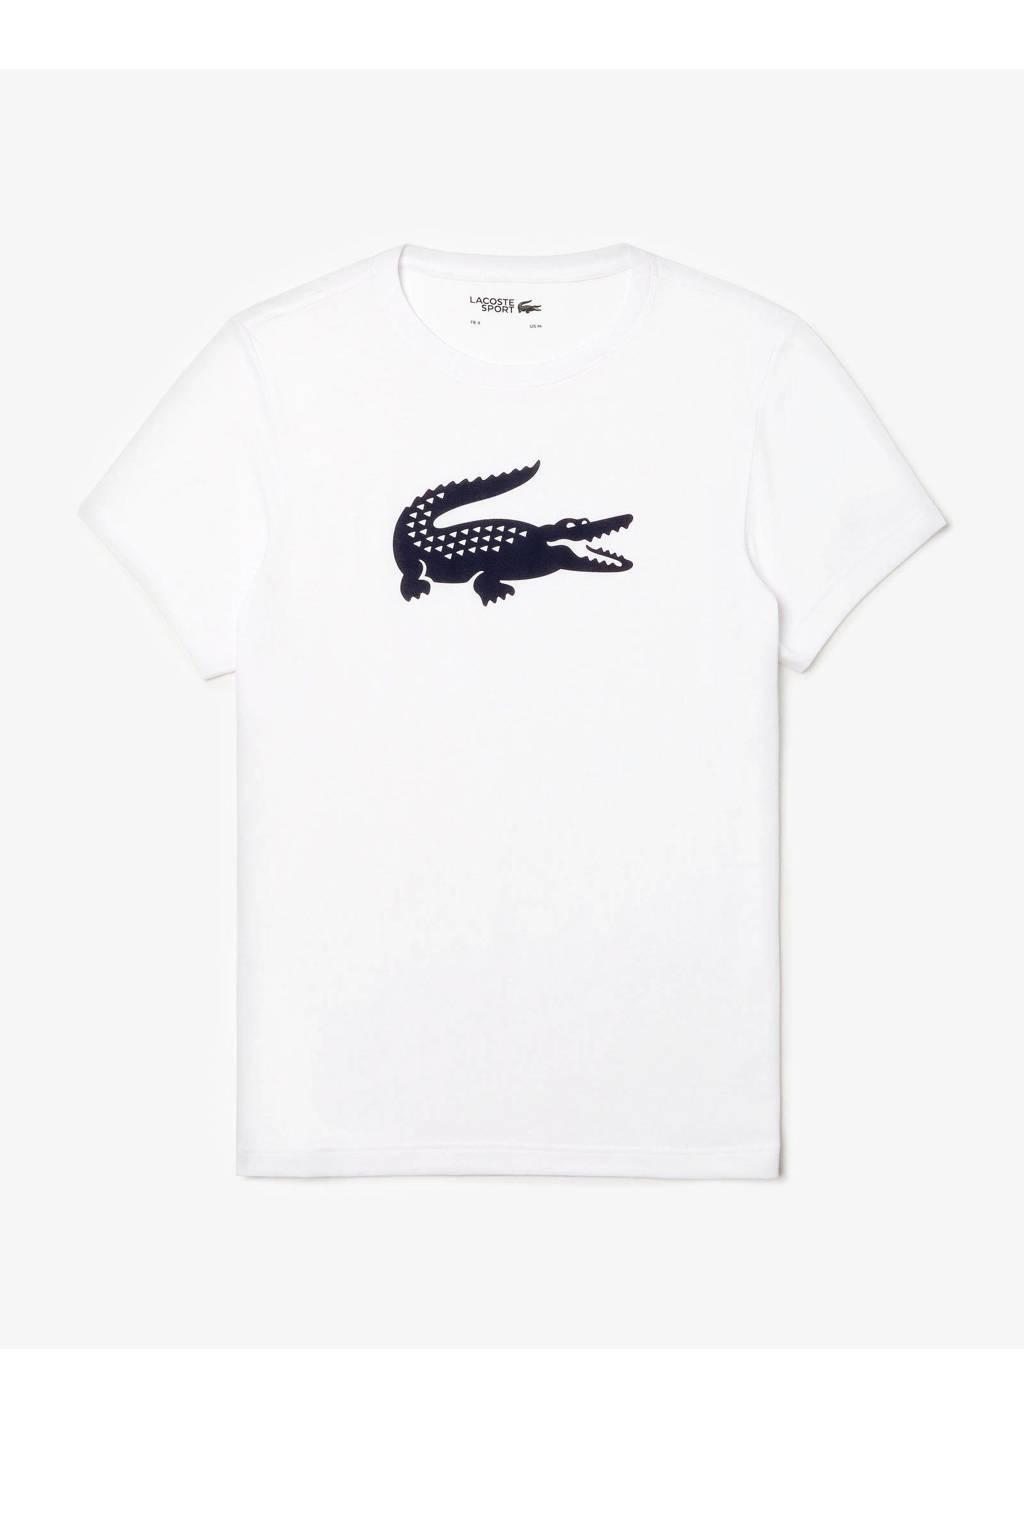 Lacoste   T-shirt wit, Wit